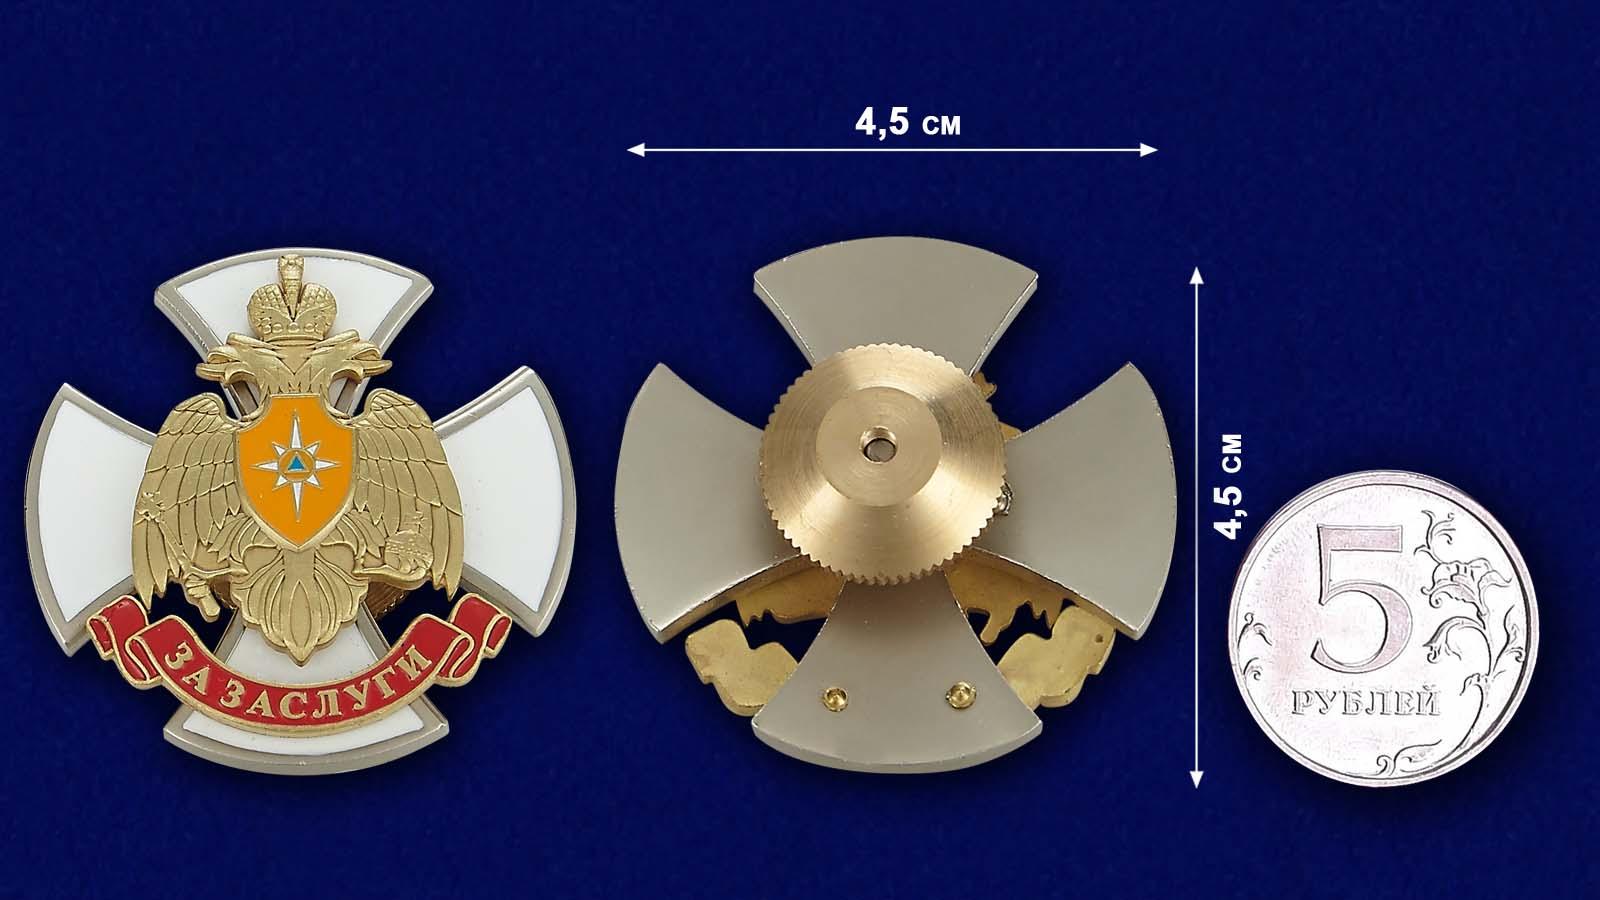 Знак МЧС За заслуги - сравнительный размер